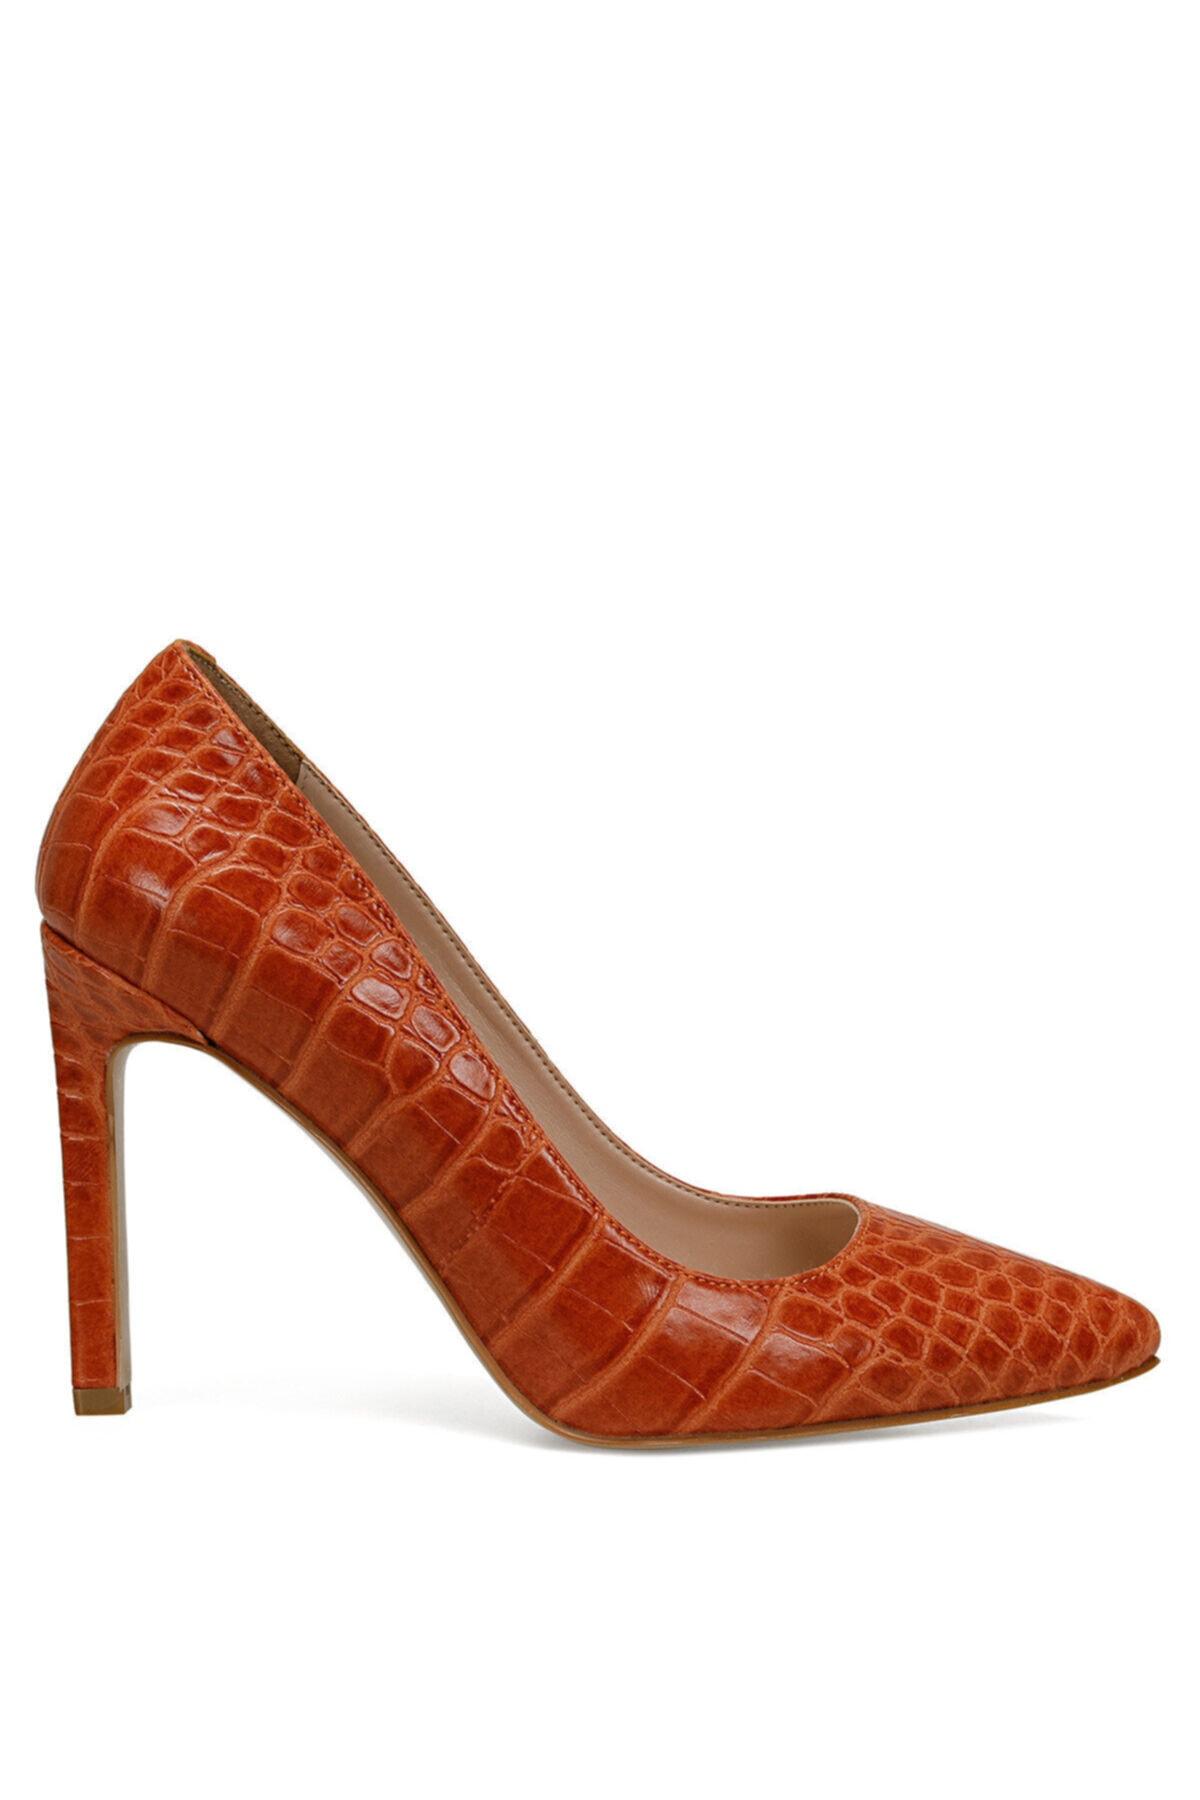 Nine West TANITA2 Nar Çiçeği Kadın Topuklu Ayakkabı 100526653 1